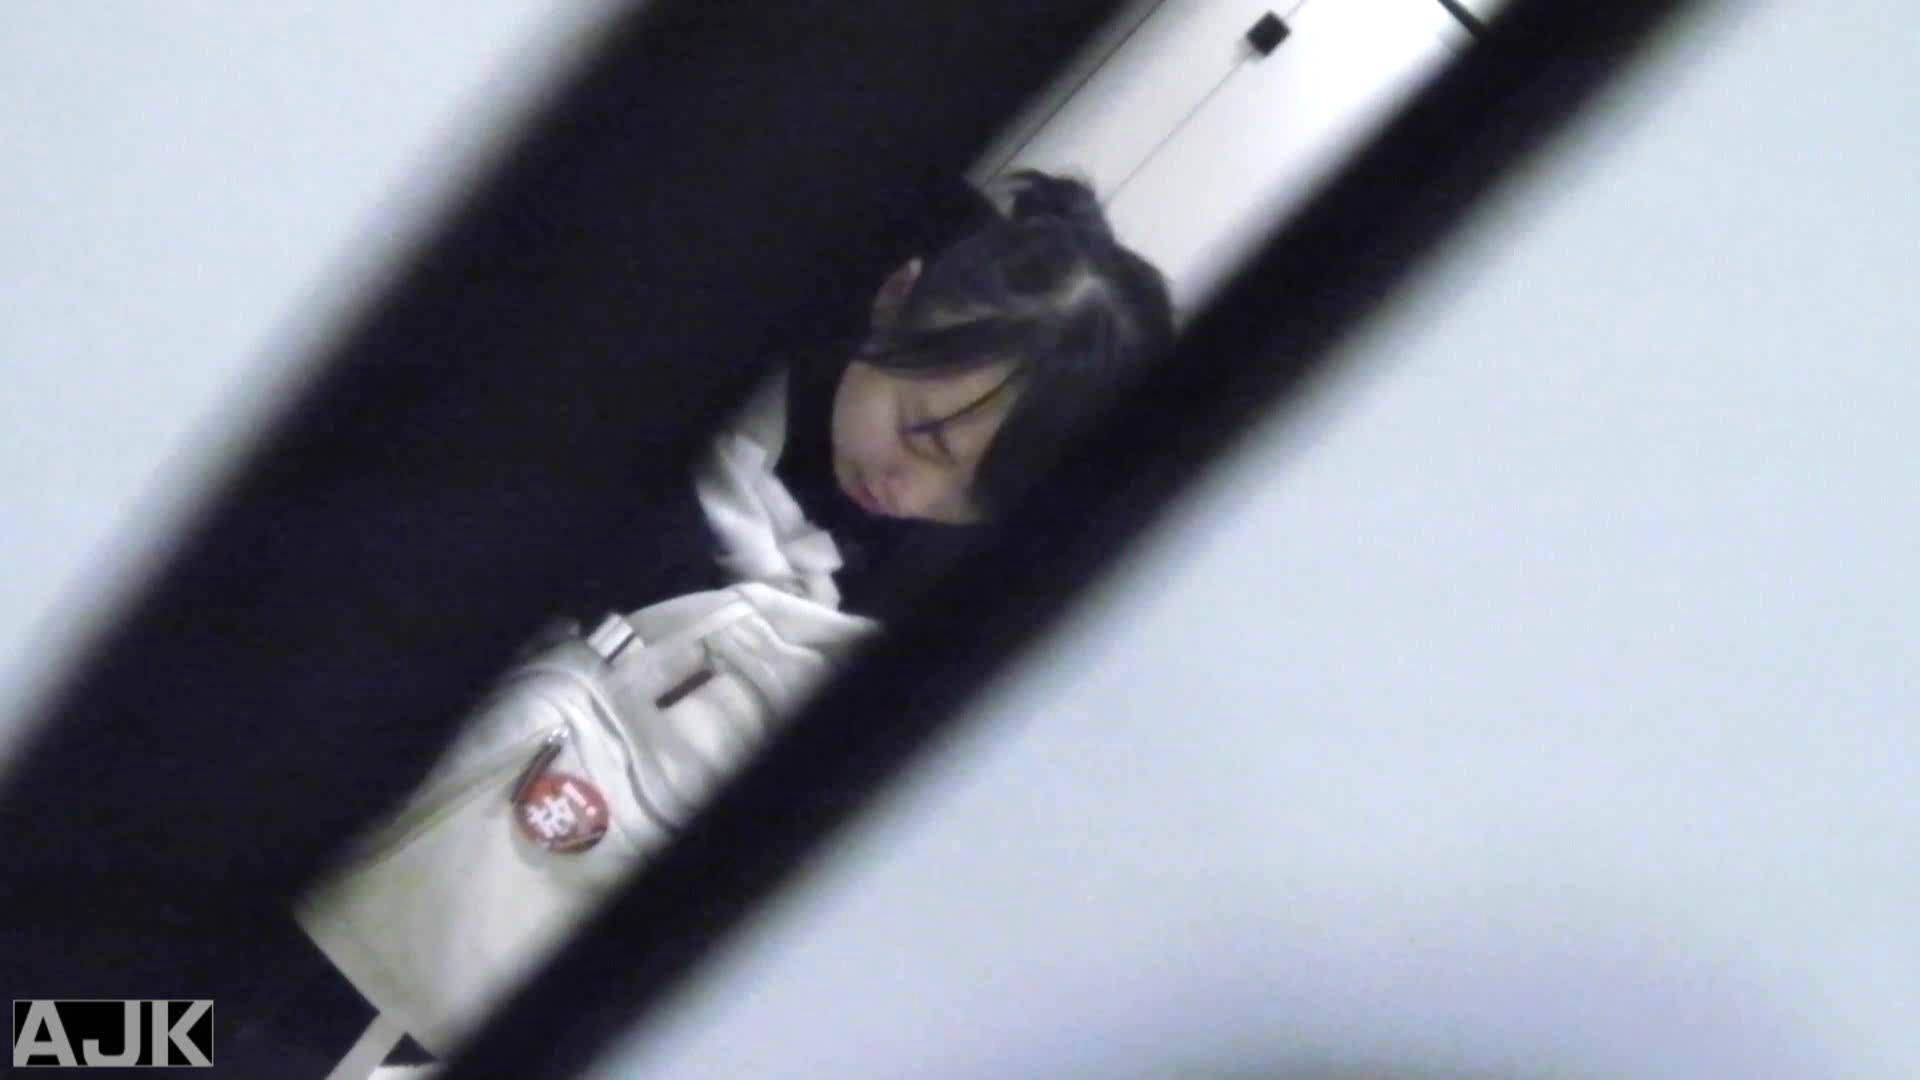 神降臨!史上最強の潜入かわや! vol.29 オマンコ秘宝館 盗み撮り動画キャプチャ 54連発 40